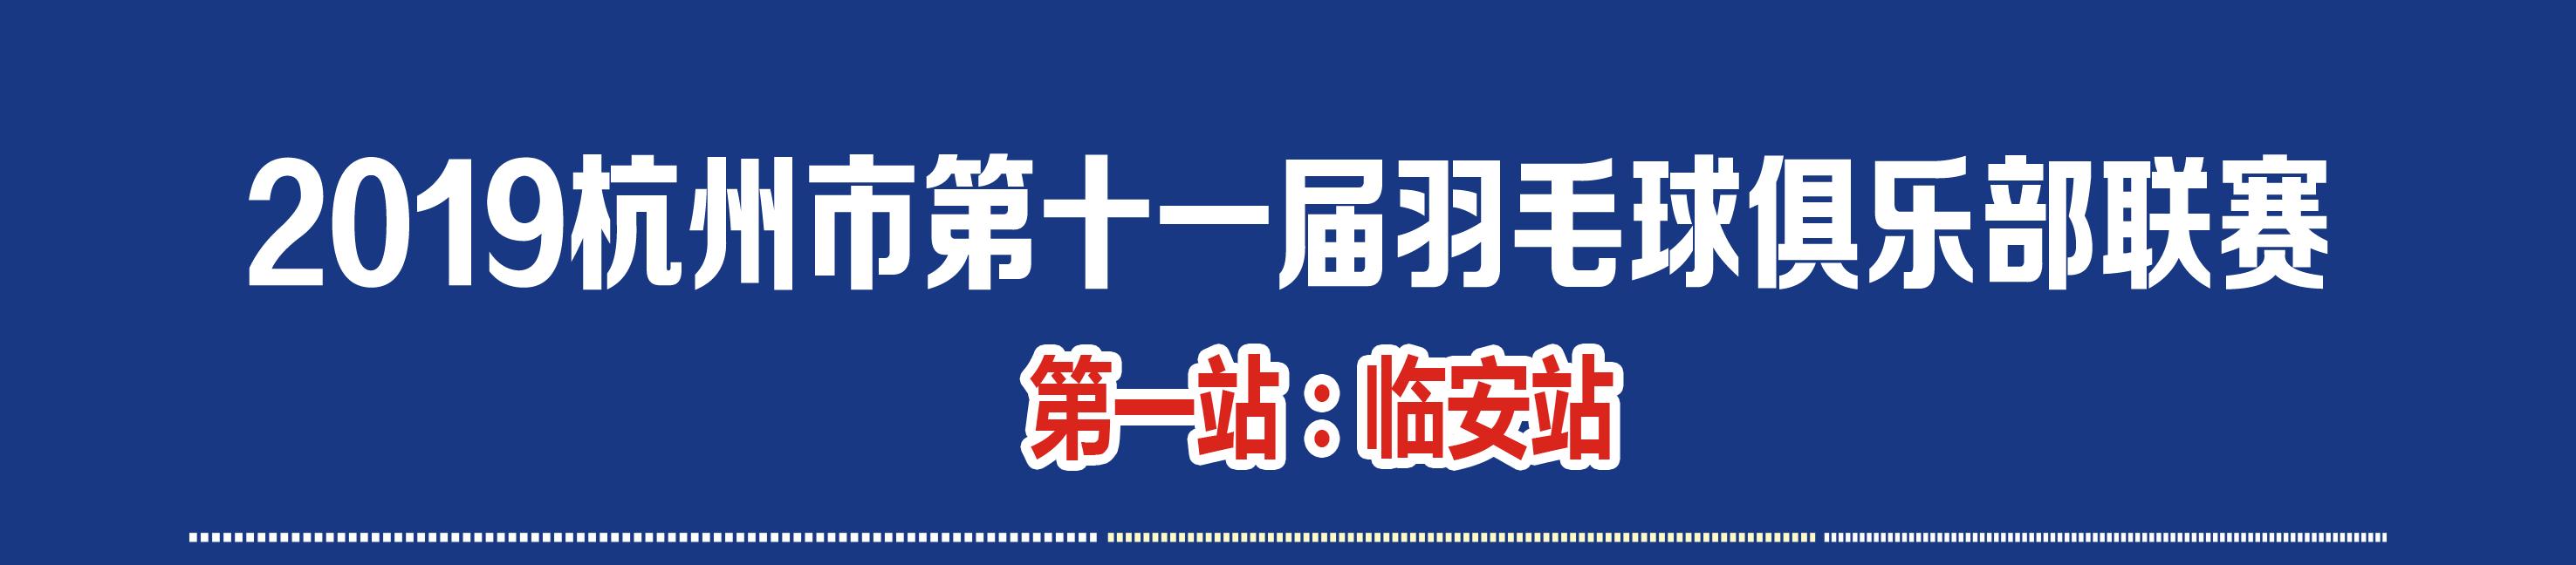 杭州市第十一届羽毛球俱乐部联赛